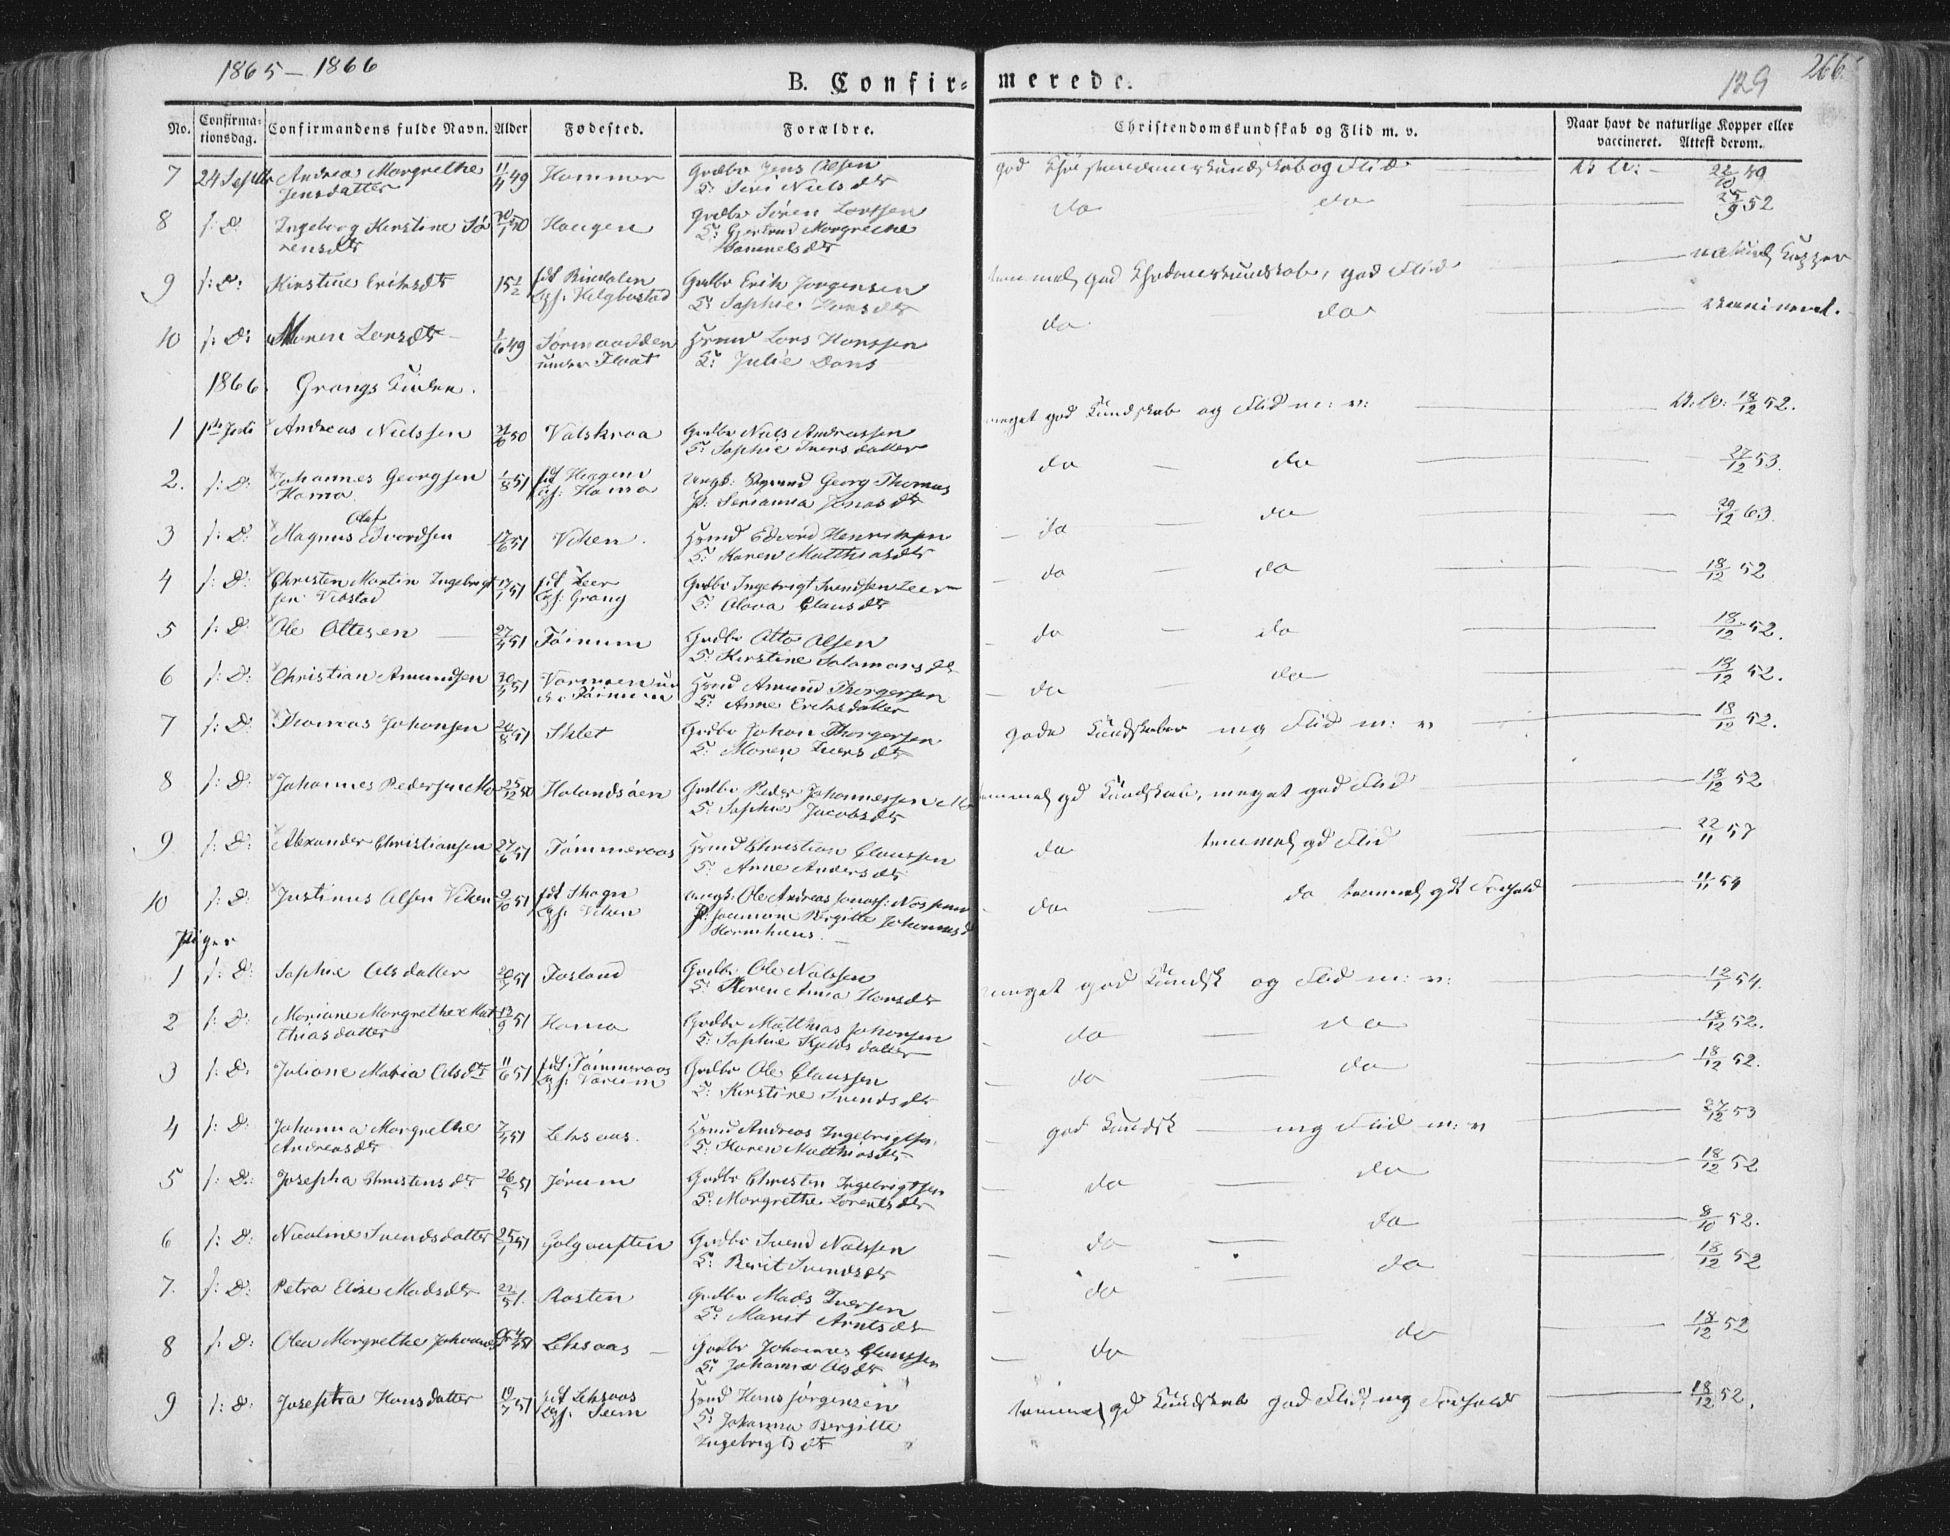 SAT, Ministerialprotokoller, klokkerbøker og fødselsregistre - Nord-Trøndelag, 758/L0513: Ministerialbok nr. 758A02 /1, 1839-1868, s. 129